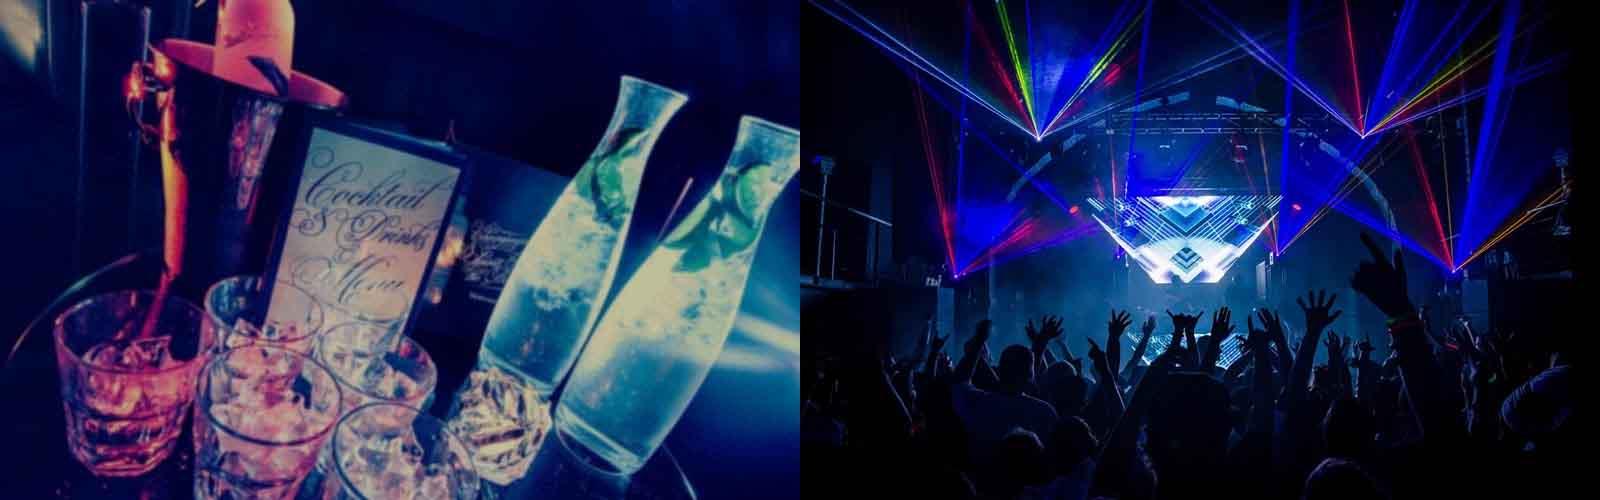 Geniet bij Nachtclub Slow van Barcelona's uitgaansleven